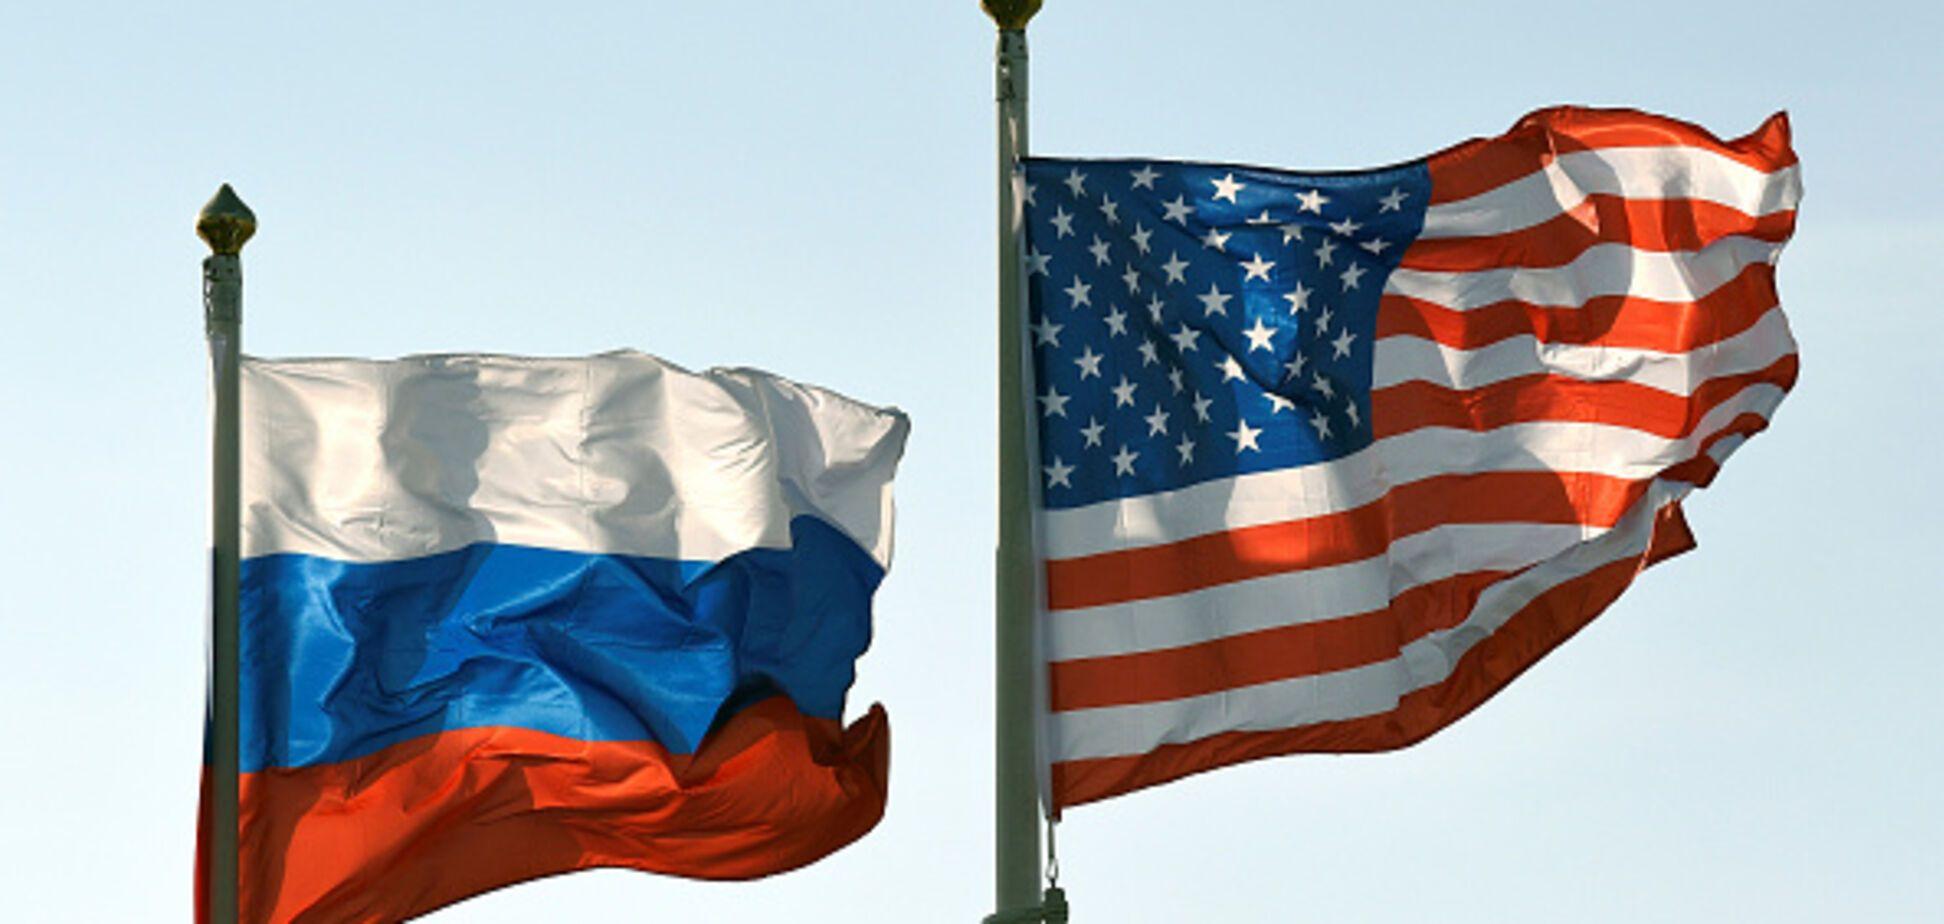 'Признак тупика': у Путина язвительно отреагировали на угрозы США уничтожить КНДР